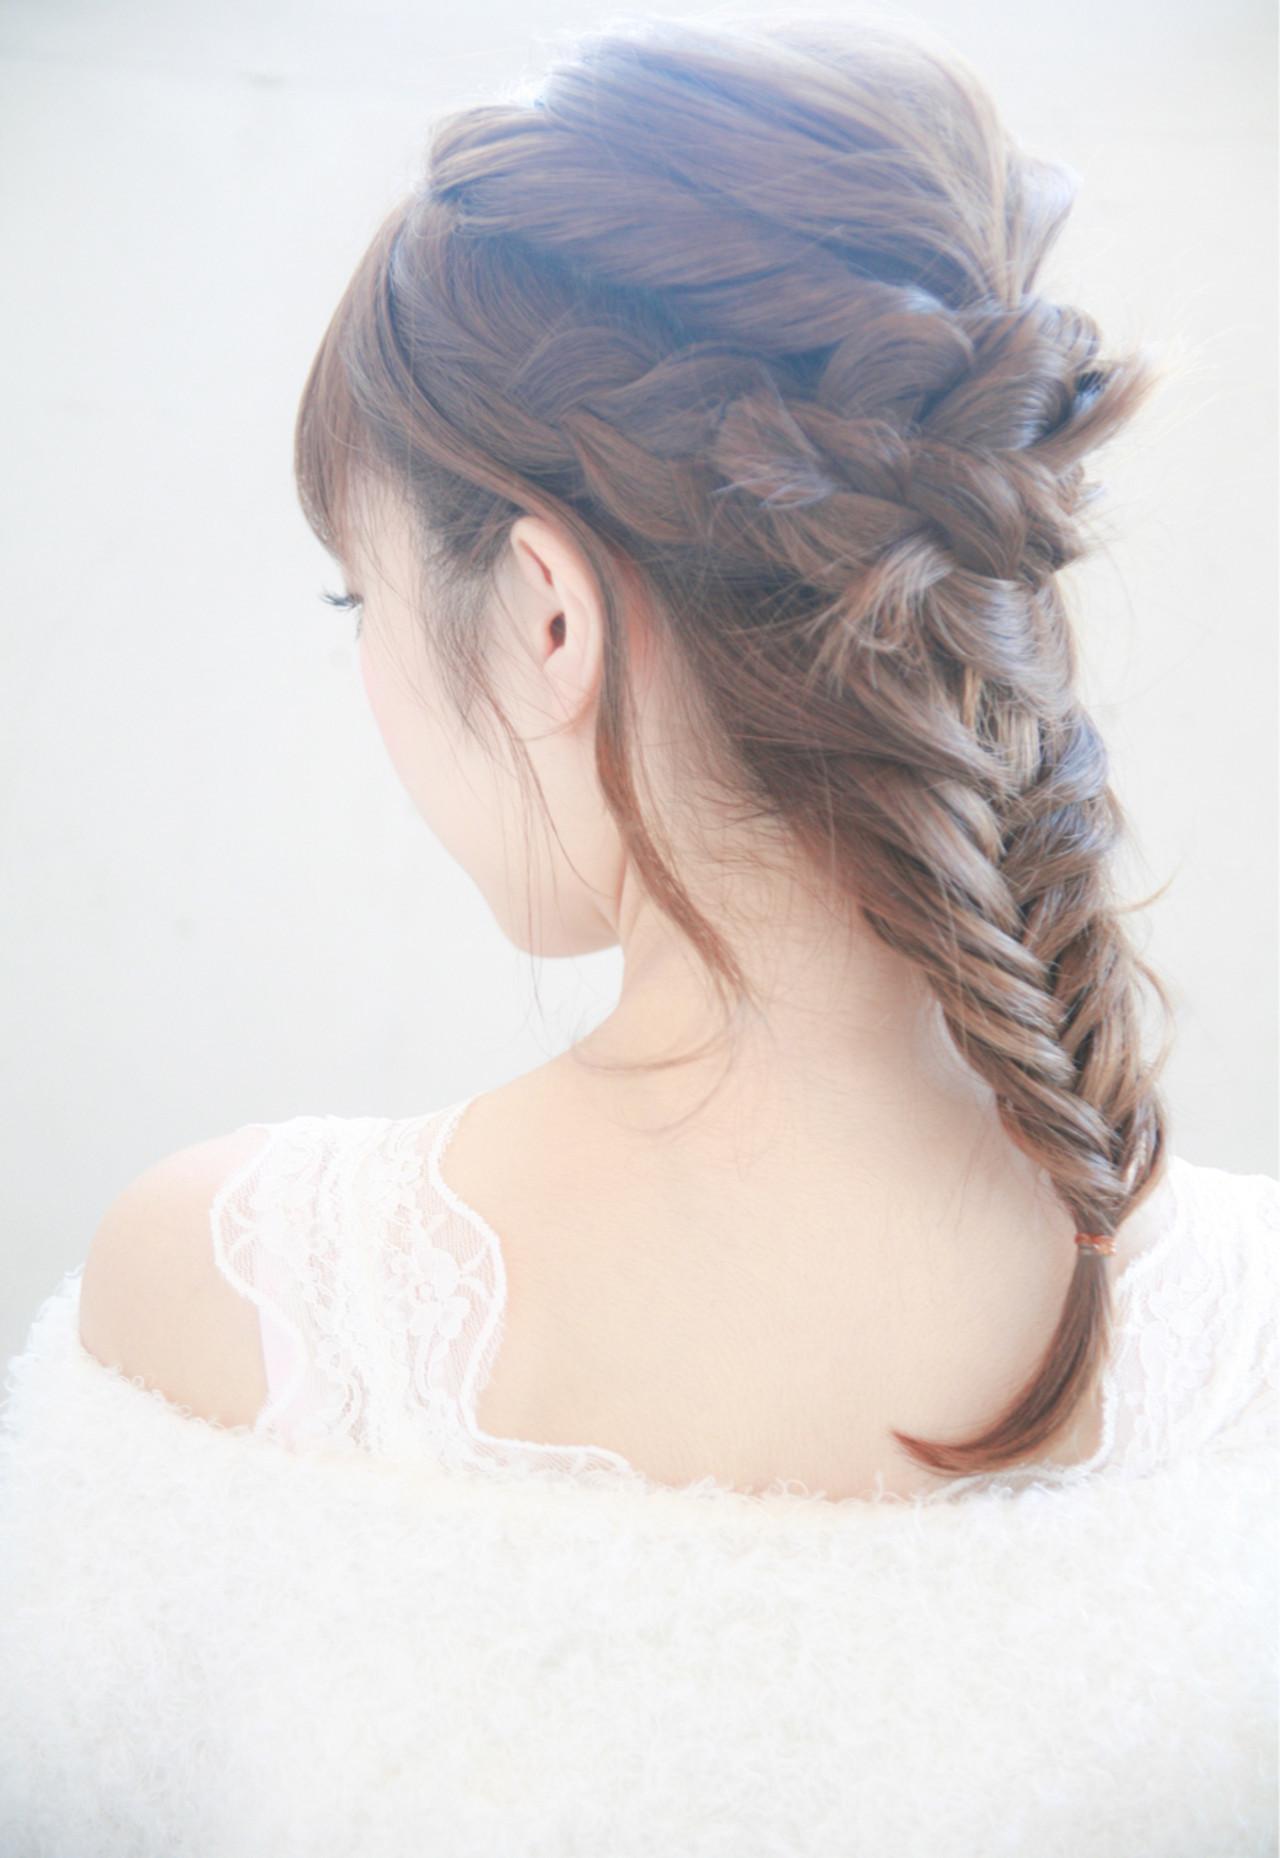 ミディアム フェミニン ヘアアレンジ 編み込み ヘアスタイルや髪型の写真・画像